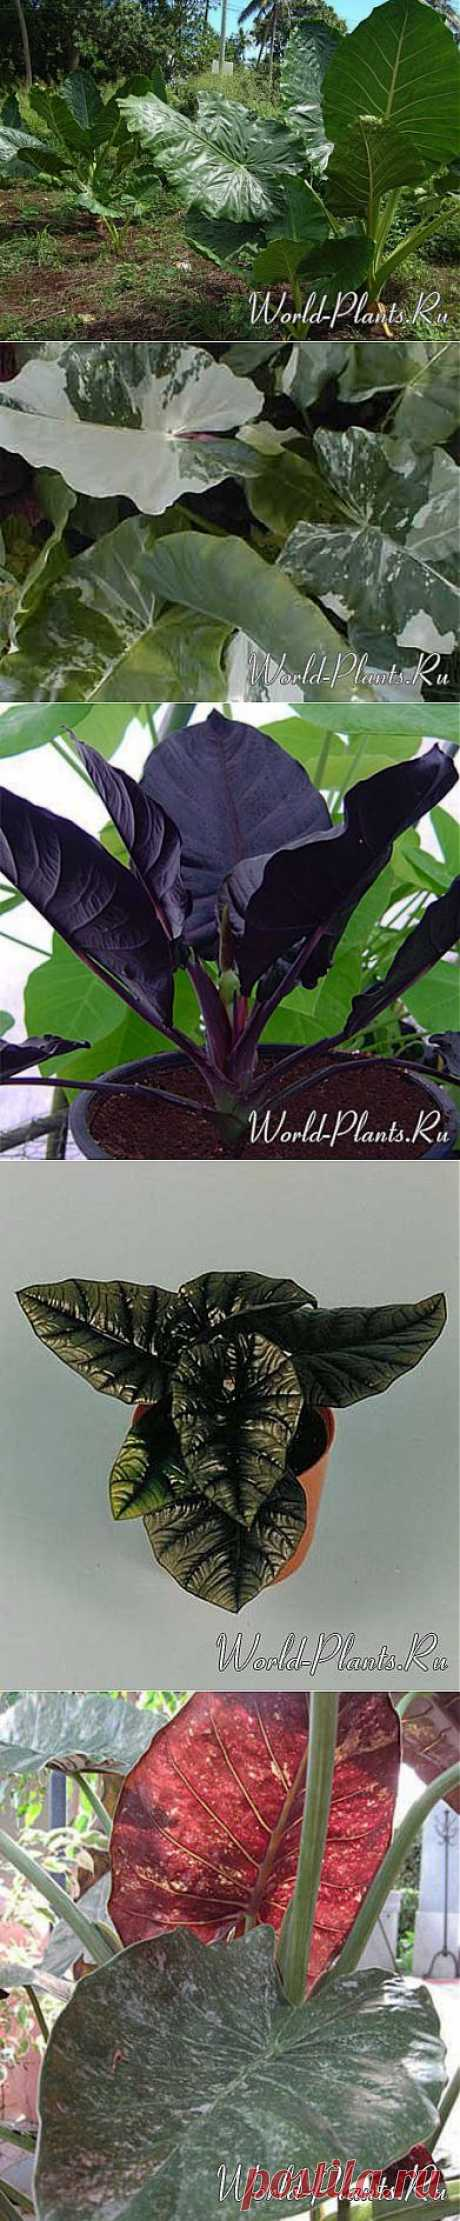 Алоказия (Alocasia) » Мир растений: все о комнатных декоративно-лиственных, цветущих, плодовых и садовых растениях